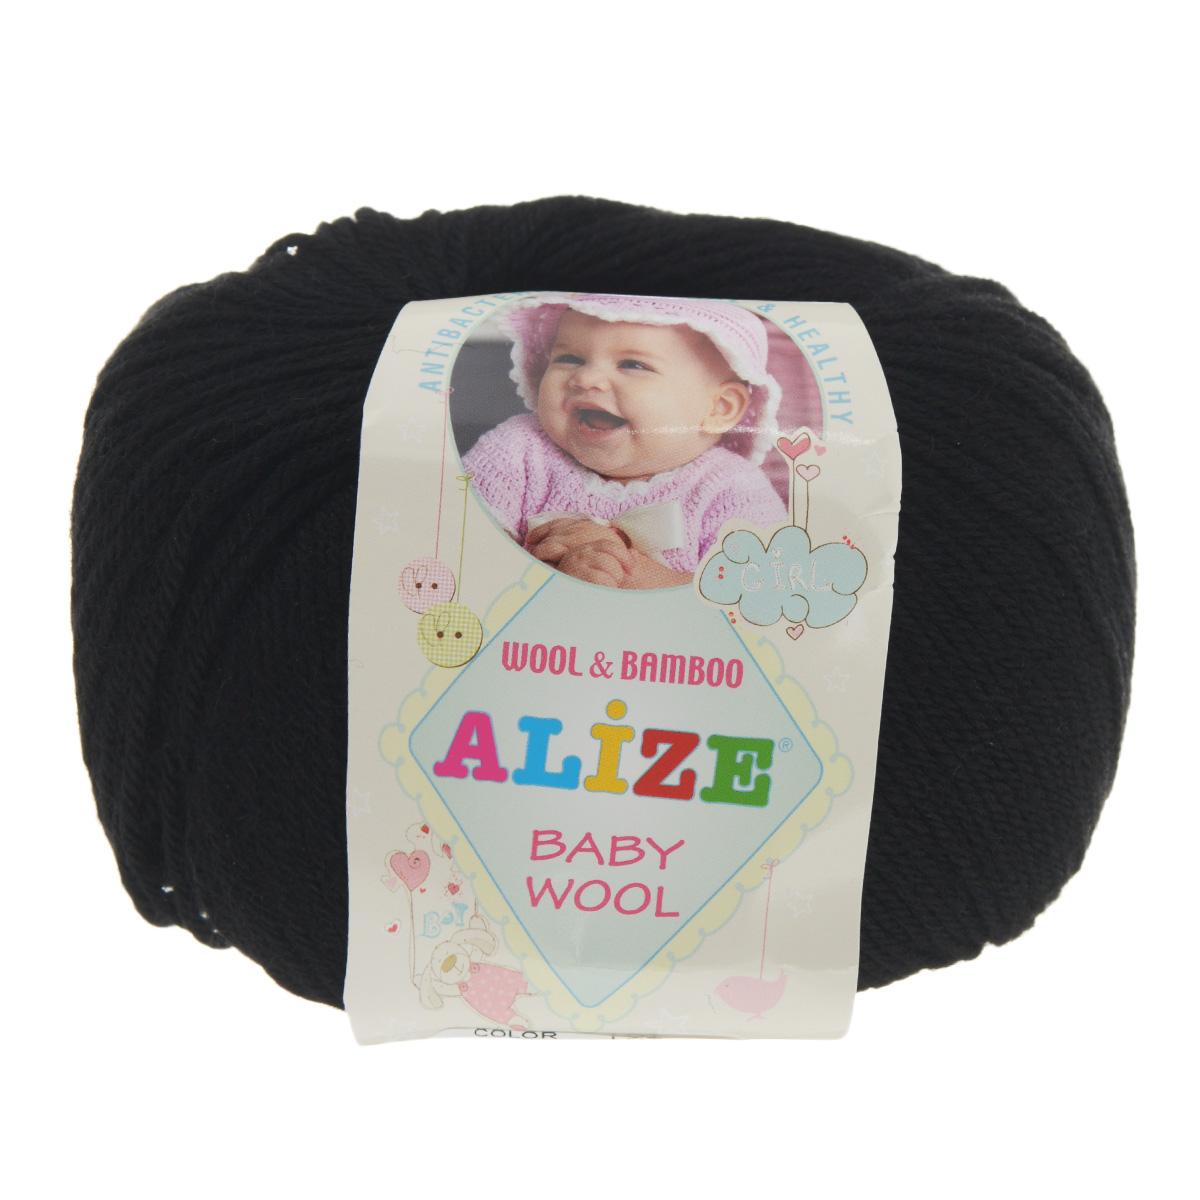 Пряжа для вязания Alize Baby Wool, цвет: черный (60), 175 м, 50 г, 10 шт686501_60Детская пряжа для вязания Alize Baby Wool изготовлена из очень мягкой и высококачественной натуральной шерсти и бамбука. Из пряжи Baby Wool получается тонкий, но очень теплый трикотаж для ребенка. Акрил в составе нитей допускает легкую машинную стирку вещей. Цветовая палитра включает в себя комбинации, которые подходят как для мальчиков, так и для девочек. Рекомендуемые для вязания спицы 2,5-4 мм и крючок 1-3 мм. Состав: 40% шерсть, 40% акрил, 20% бамбук.